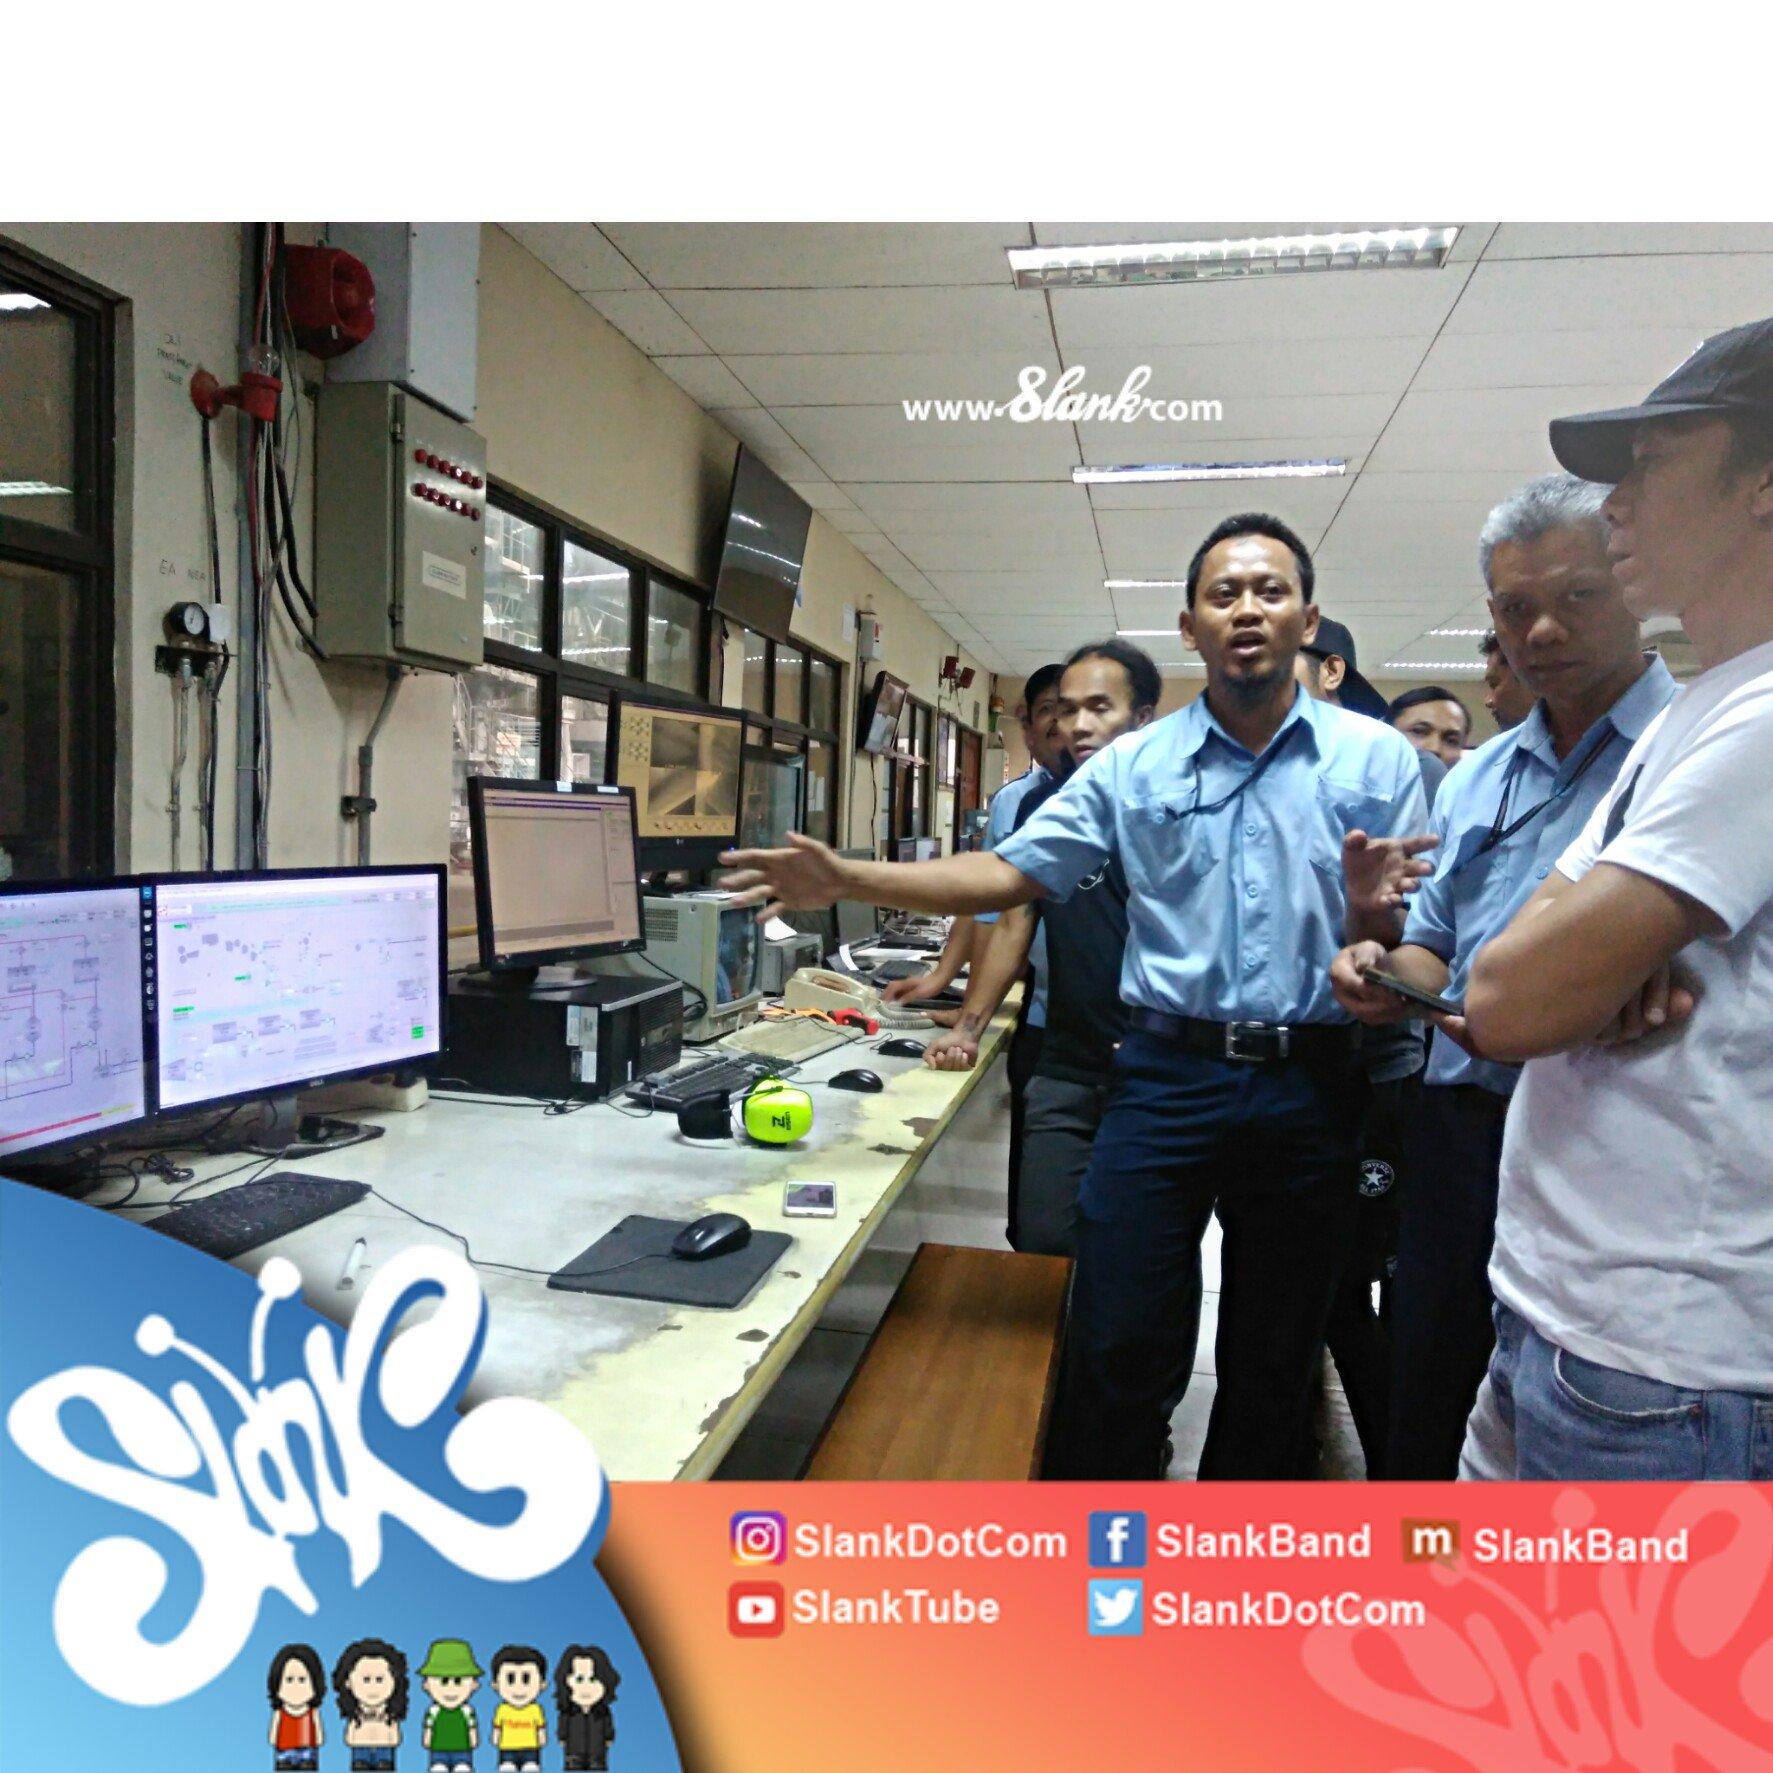 Sebelum kembali ke Jakarta, Slank mampir ke pabrik kertas Sinarmas (Tjiwi Kimia) #MerajutKebangsaan @AsiaPulpPaperID https://t.co/svucf7leer